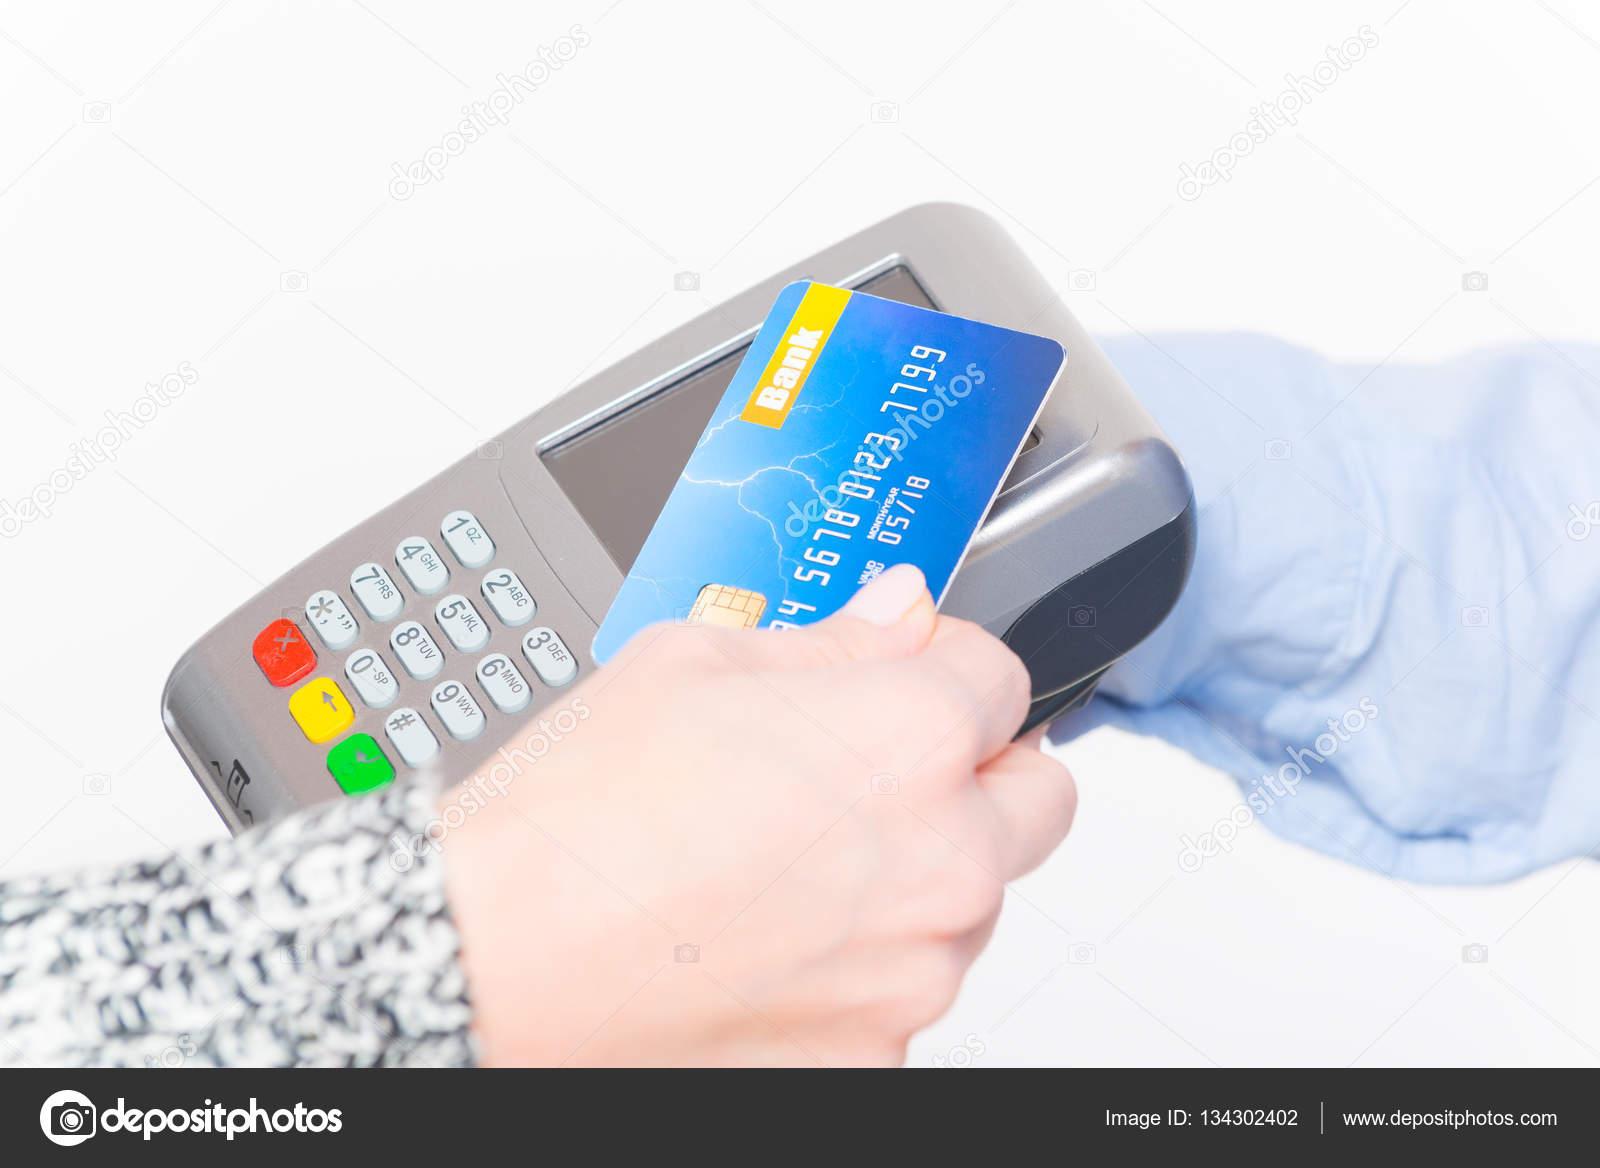 非接触クレジット カードまたはデビット カードで支払い — ストック写真